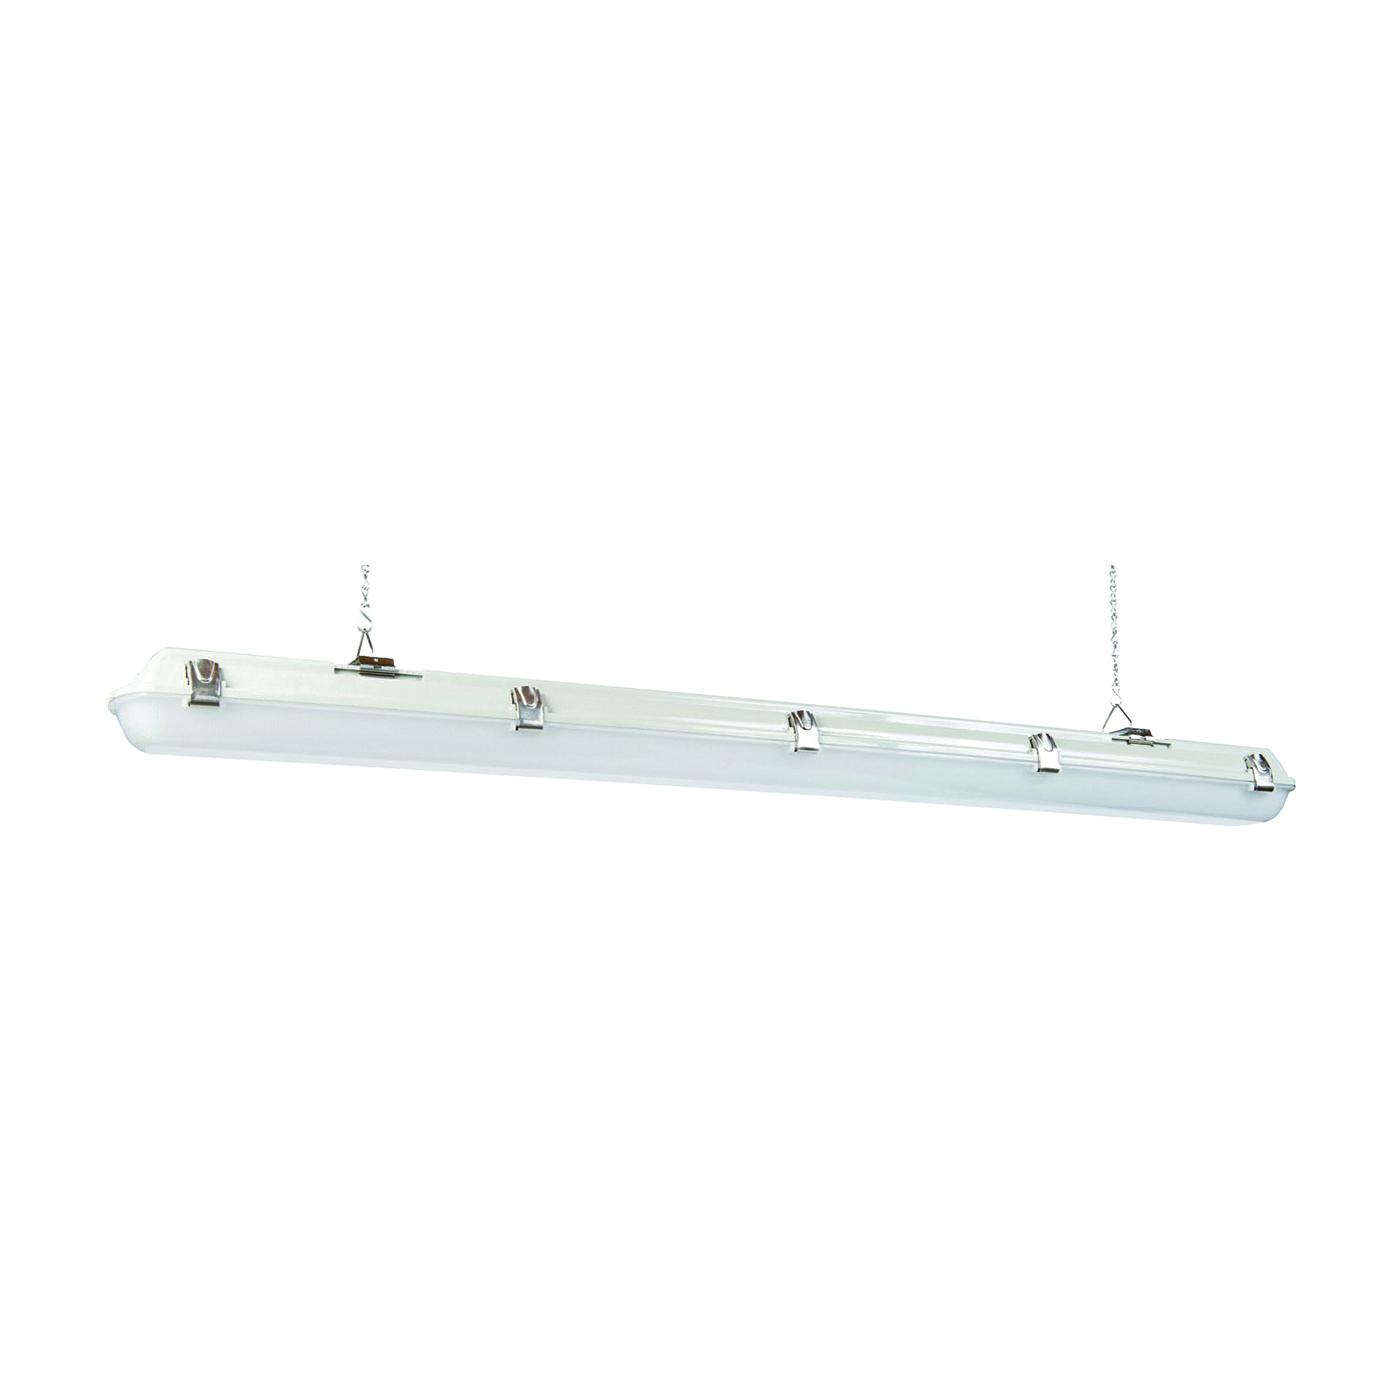 Picture of ETI 54656241 Vapor Tight, 120/277 V, 34 W, LED Lamp, 3600 Lumens, 4000 K Color Temp